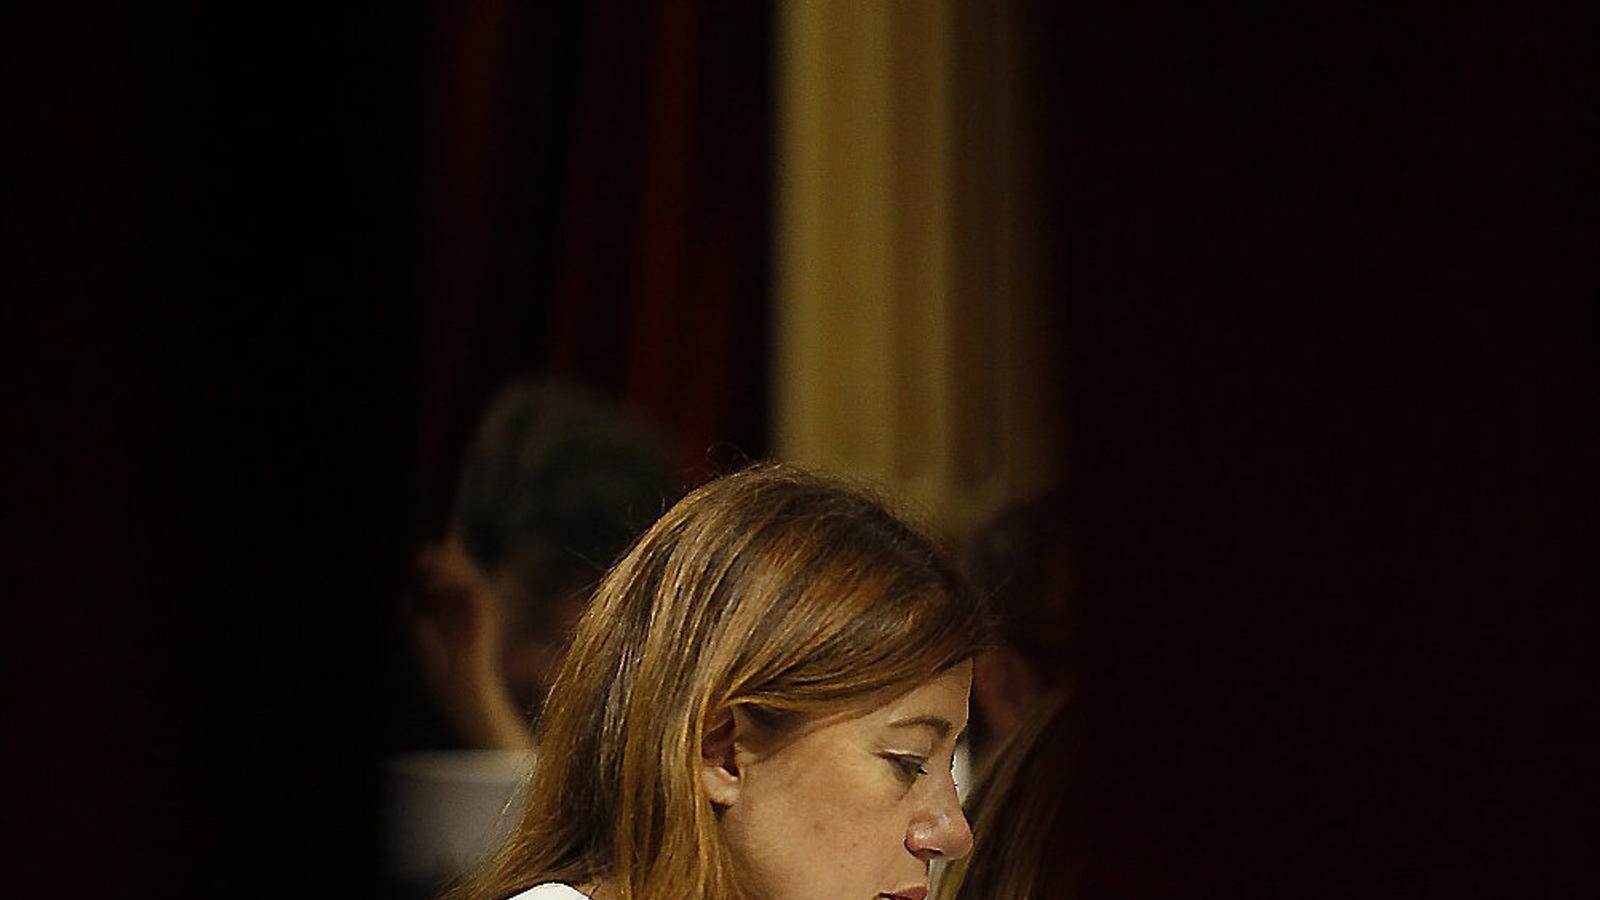 La presidenta del Govern balear, Francina Armengol, en una imatge d'arxiu.